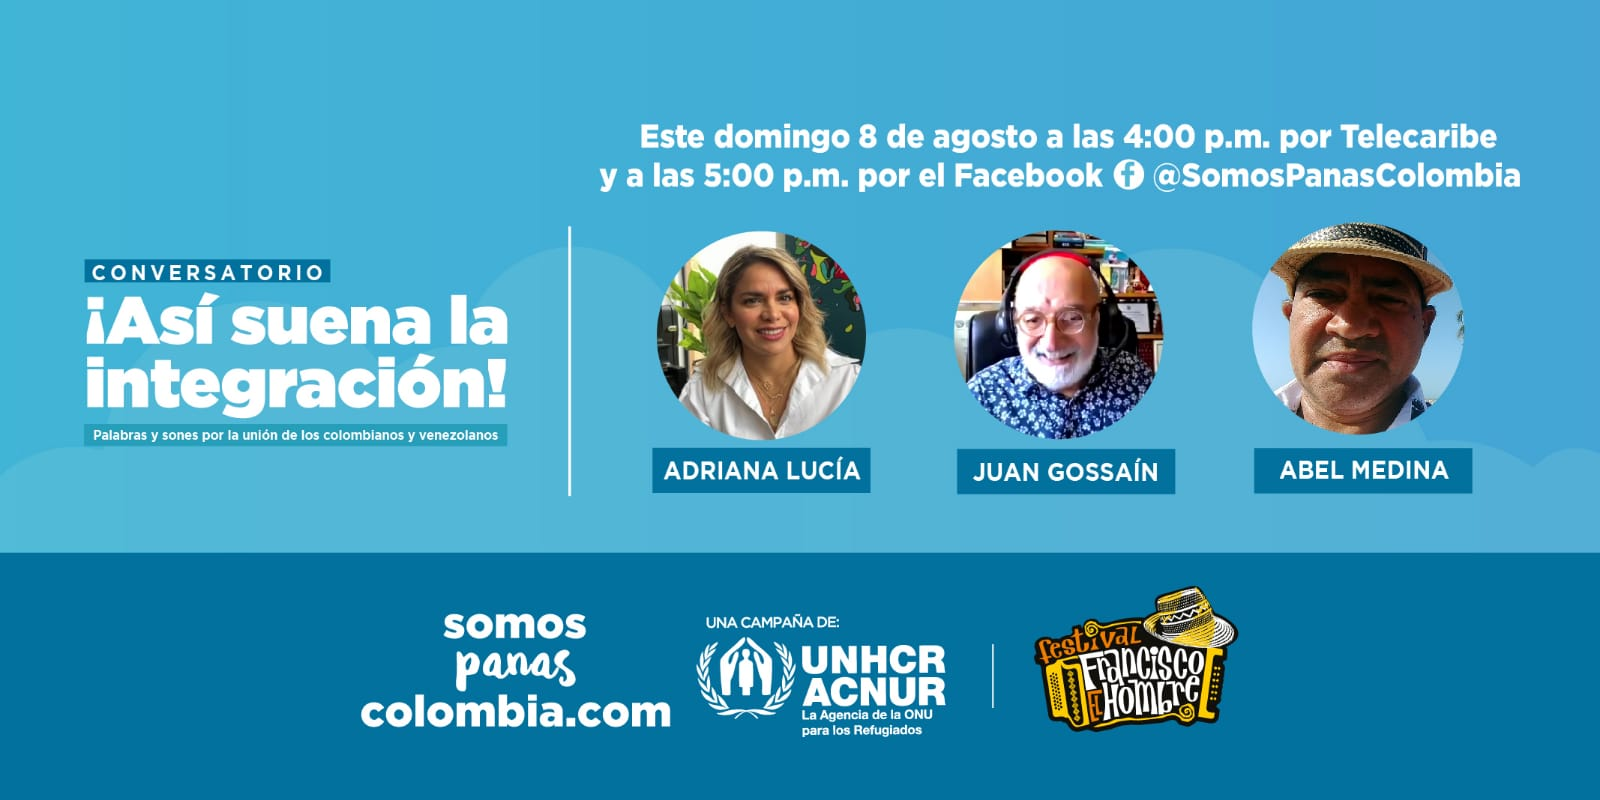 https://www.notasrosas.com/ 'Así Suena la Integración', conversatorio que realizará Festival Francisco 'El Hombre'